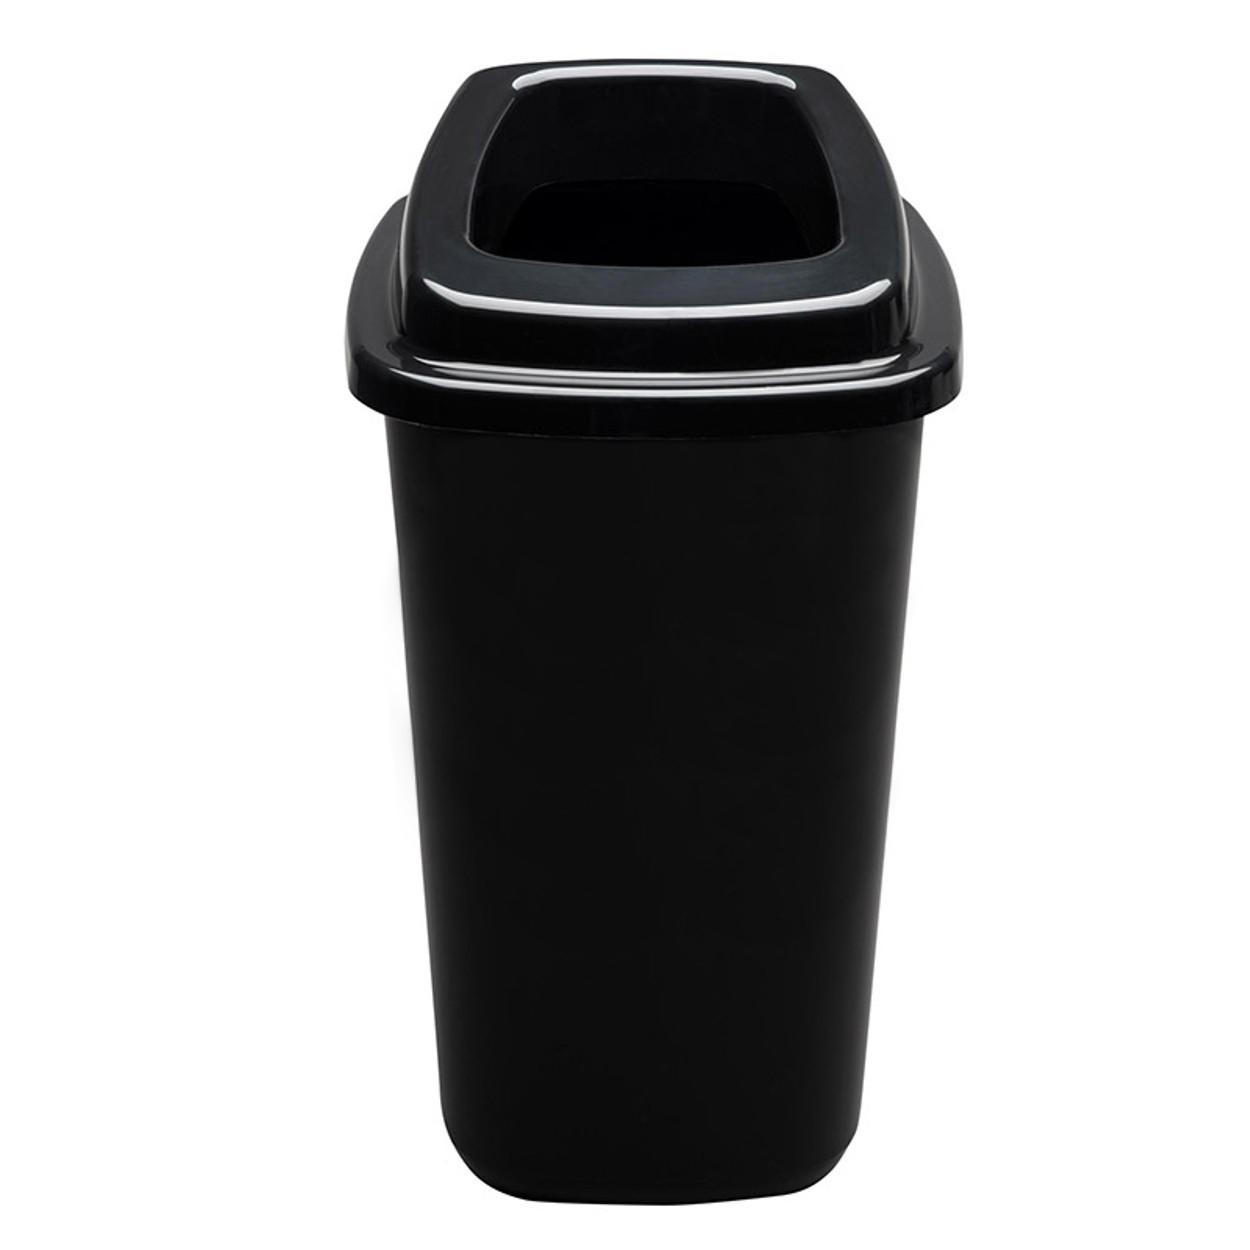 Plastový kôš na triedený odpad, 45 l, čierna